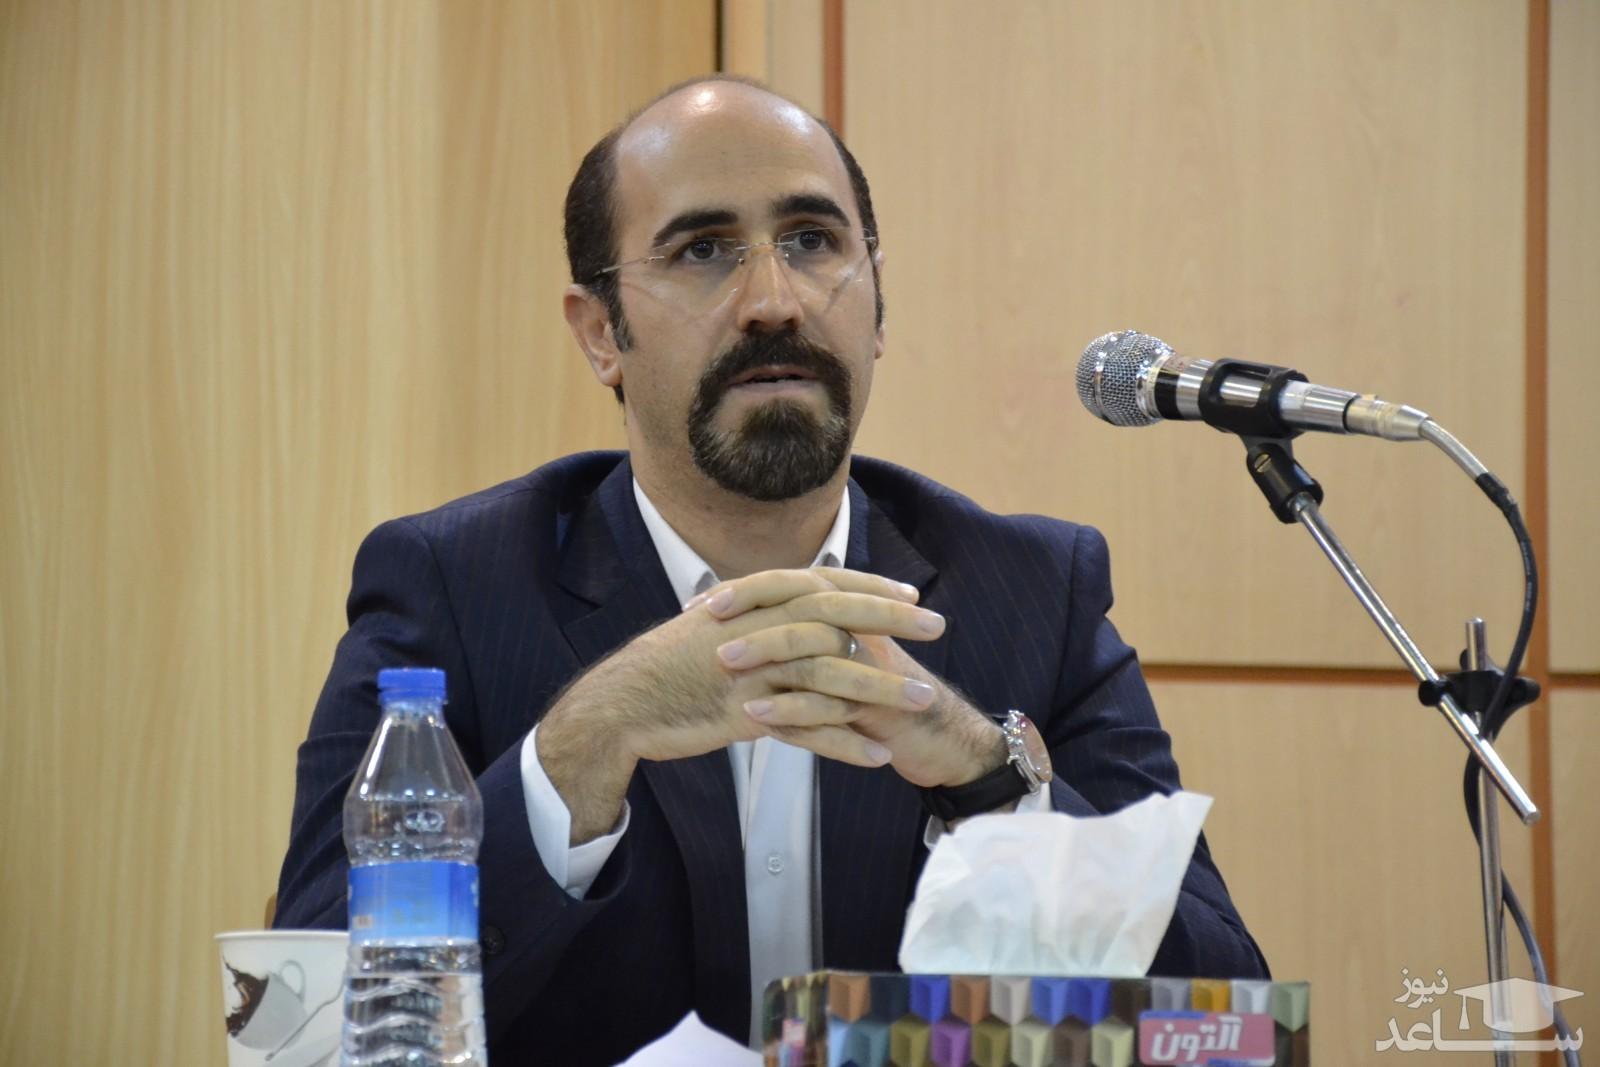 دکتر رضا اختیاری امیری : عواقب باز شدن دوباره پرونده قتل خاشقچی برای عربستان